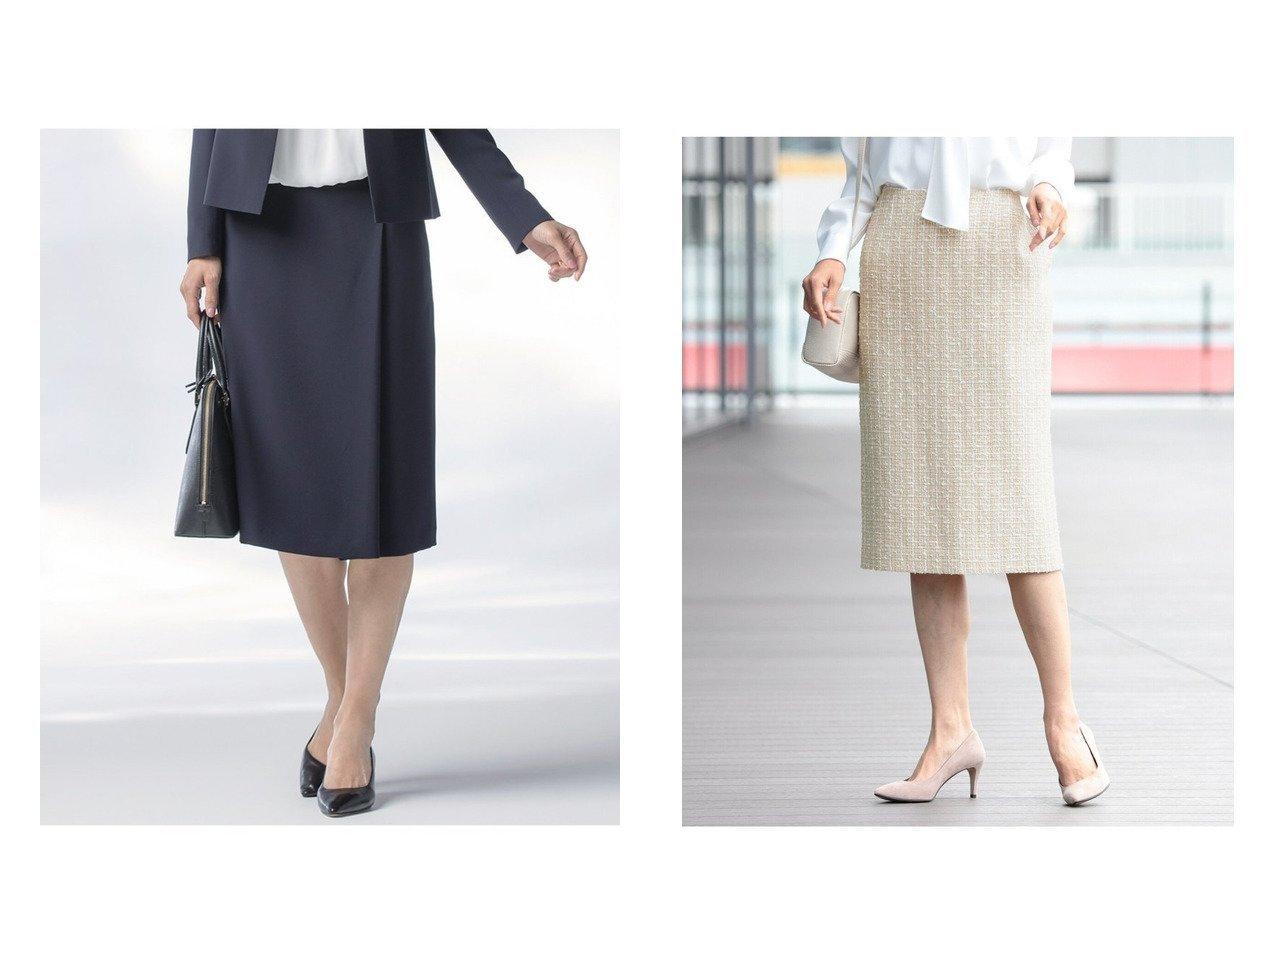 【Demi-Luxe BEAMS/デミルクス ビームス】のDemi- バックスリット ツイード タイトスカート 21FO&【NIJYUSANKU/23区】の【セットアップ対応】トリアセダブルジョーゼット スカート ボトムスのおすすめ!人気、トレンド・レディースファッションの通販 おすすめで人気の流行・トレンド、ファッションの通販商品 メンズファッション・キッズファッション・インテリア・家具・レディースファッション・服の通販 founy(ファニー) https://founy.com/ ファッション Fashion レディースファッション WOMEN スカート Skirt バッグ Bag セットアップ Setup スカート Skirt スリット セットアップ タイトスカート ツイード フォーマル ペンシル 洗える ジャケット ジョーゼット スタイリッシュ ストッキング ストレッチ タイツ 定番 Standard 人気 ラップ 2021年 2021 S/S 春夏 SS Spring/Summer 2021 春夏 S/S SS Spring/Summer 2021 |ID:crp329100000014299